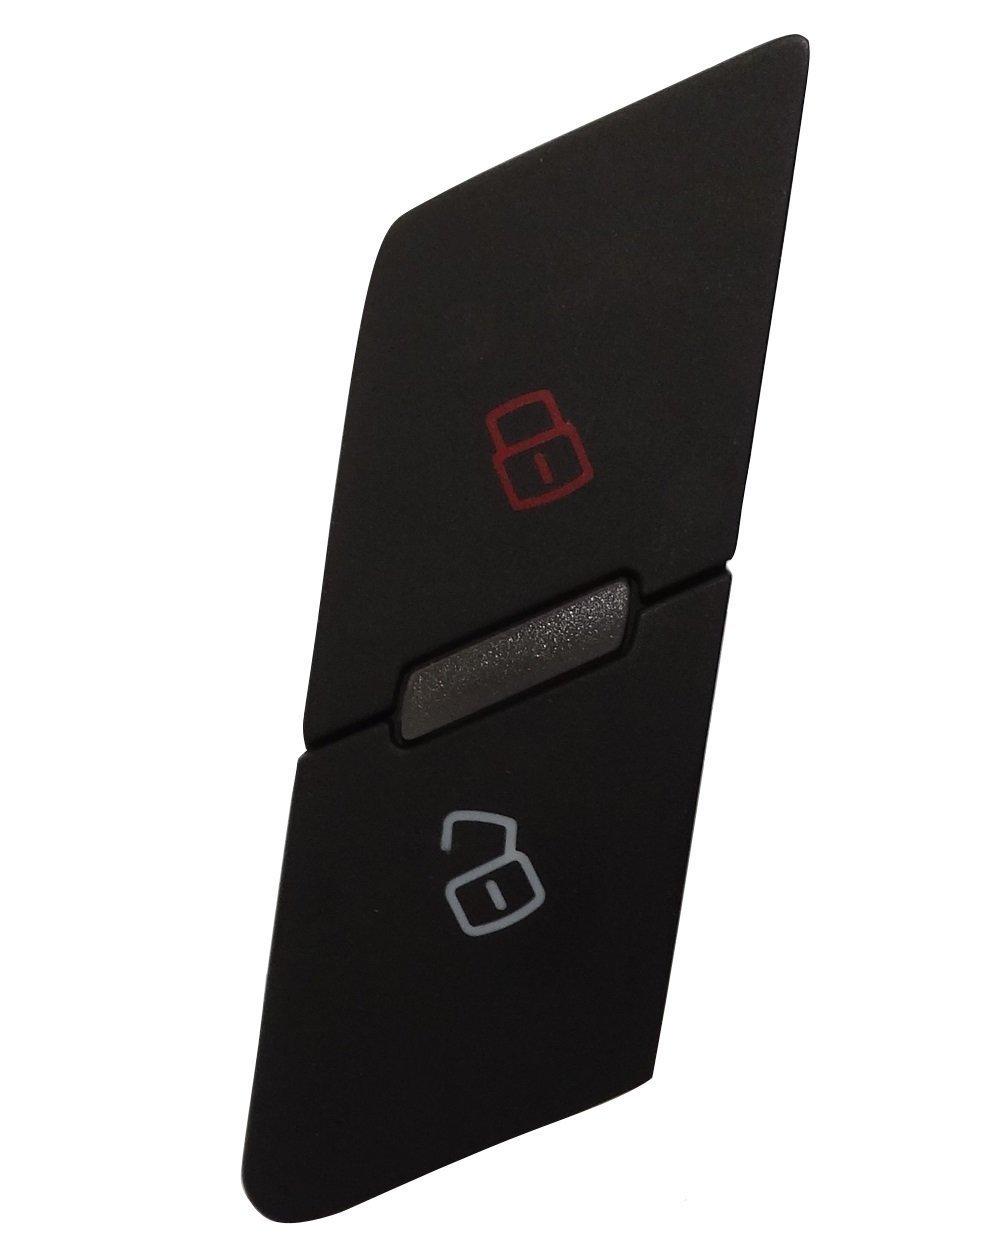 Aerzetix: Interrupteur bouton fermeture de porte compatible avec 4FD962107 4F1962107B avant gauche C16161 SK2-C16161